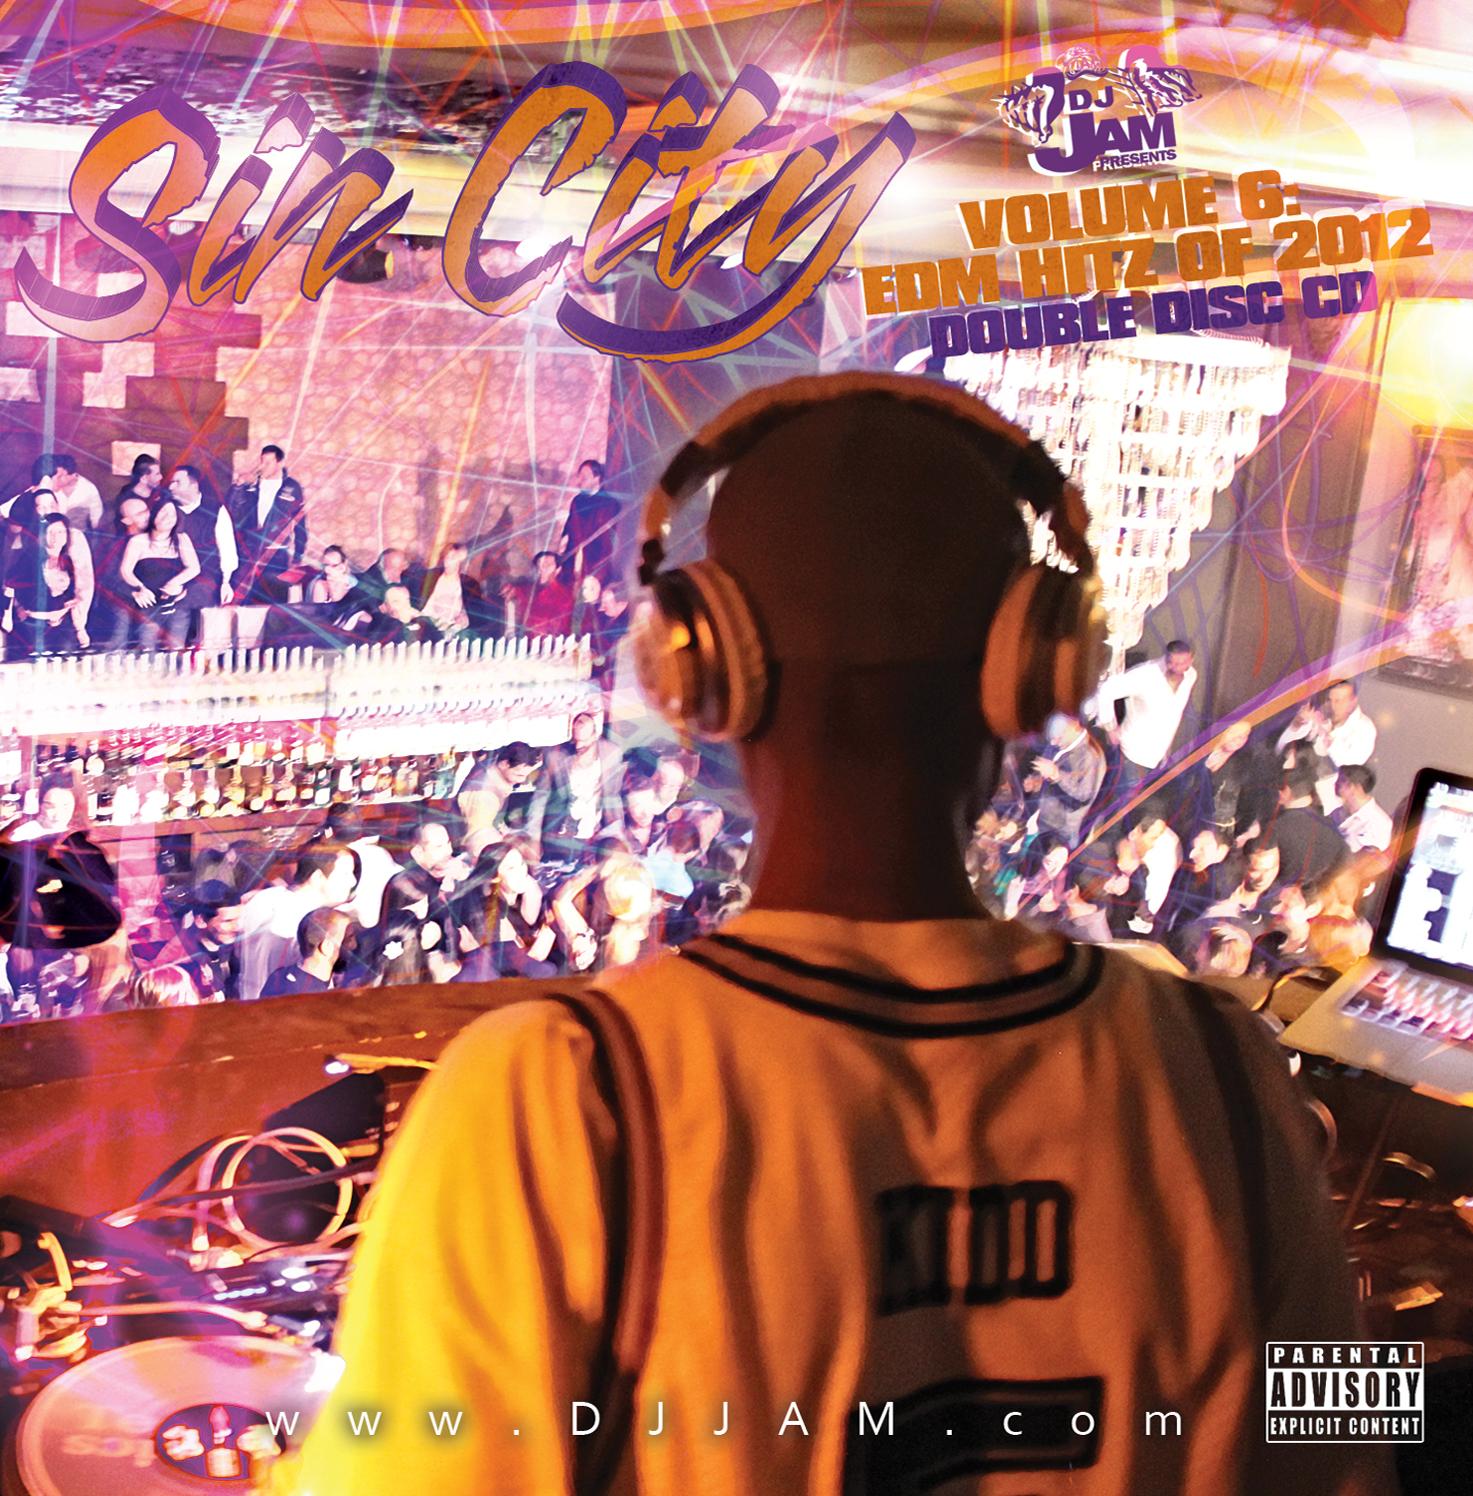 SIN CITY VOL. 6 DISC 1 & 2